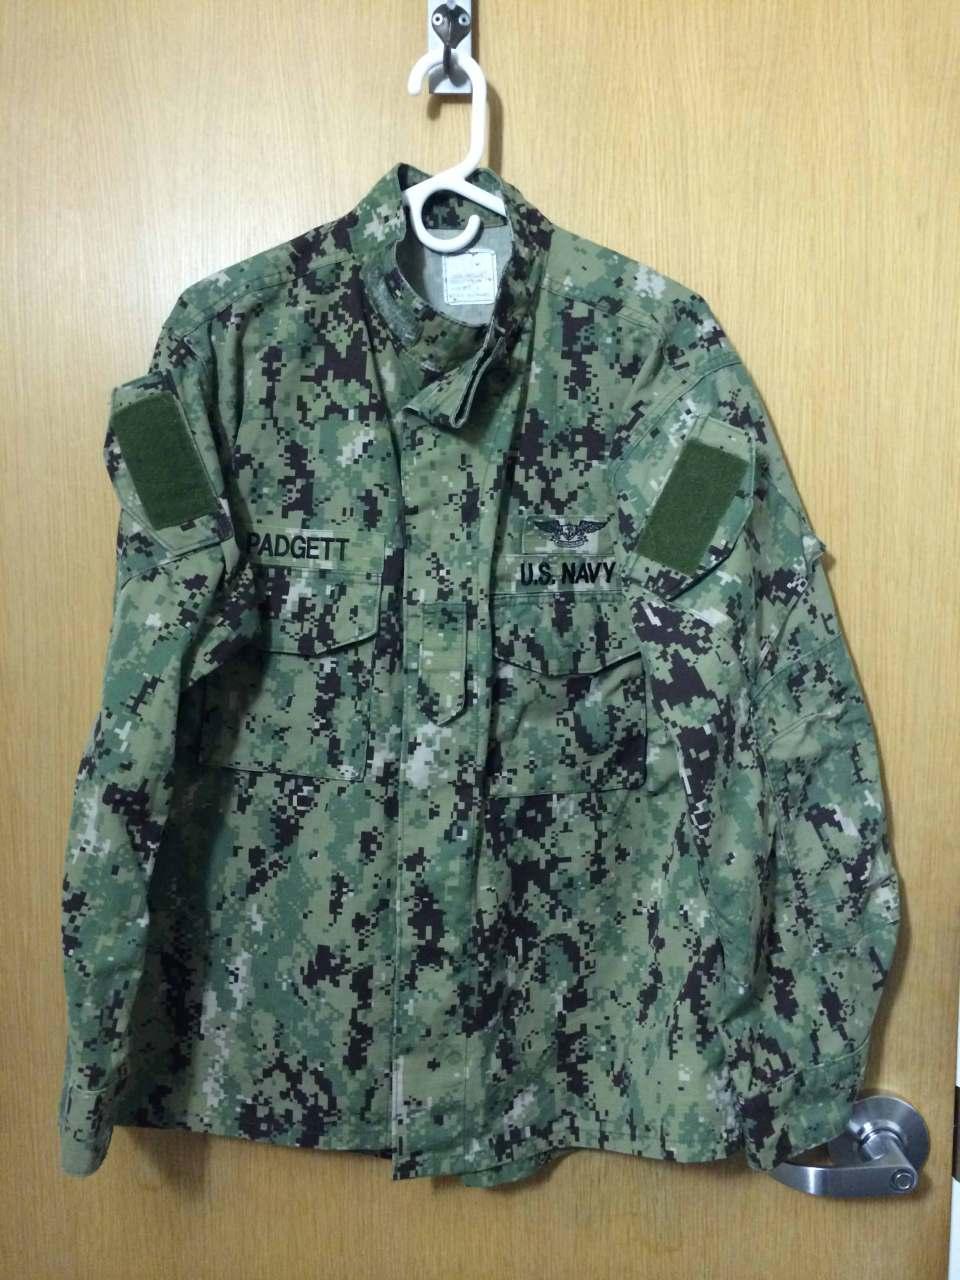 US Navy Working Uniform (NWU) Type III AOR 2 Camo (2010